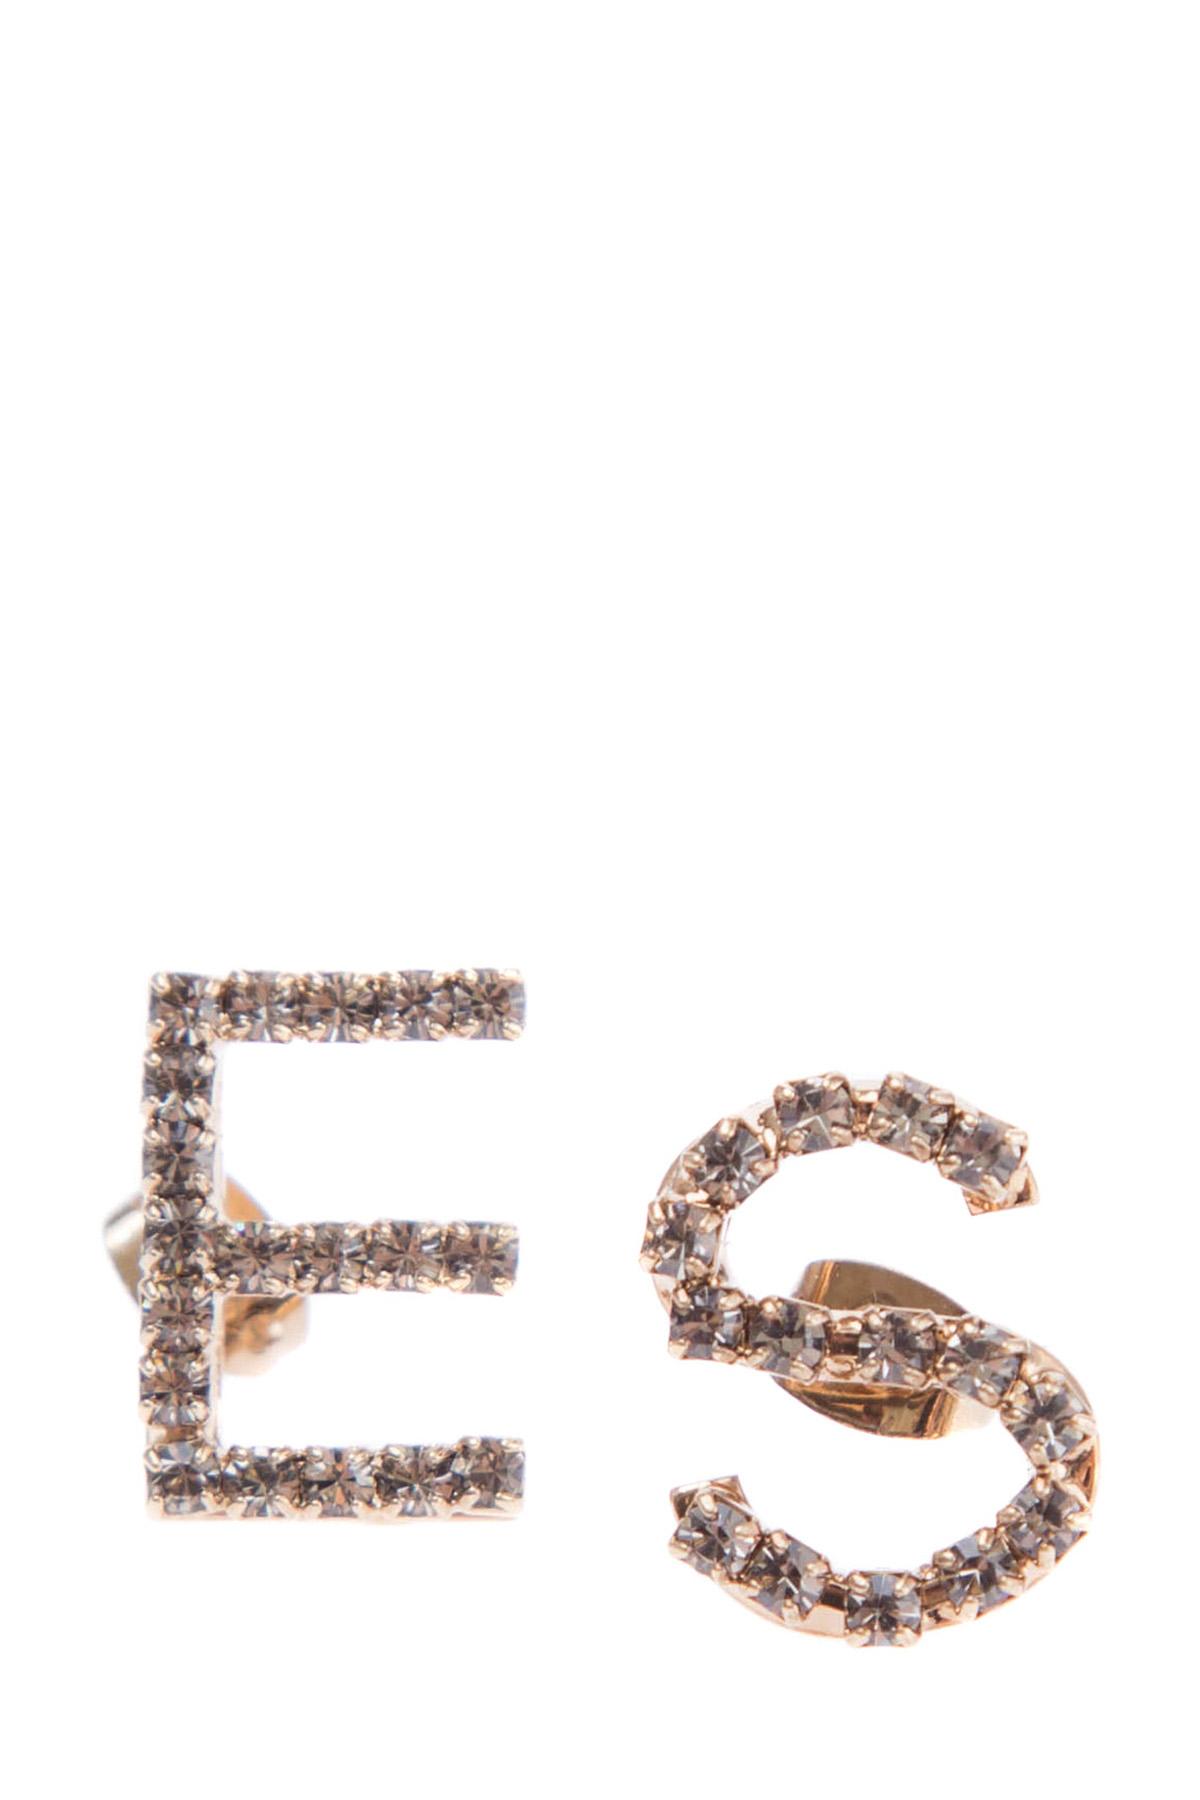 Купить Серьги, ERMANNO SCERVINO, Италия, стекло 60%, латунь 40%